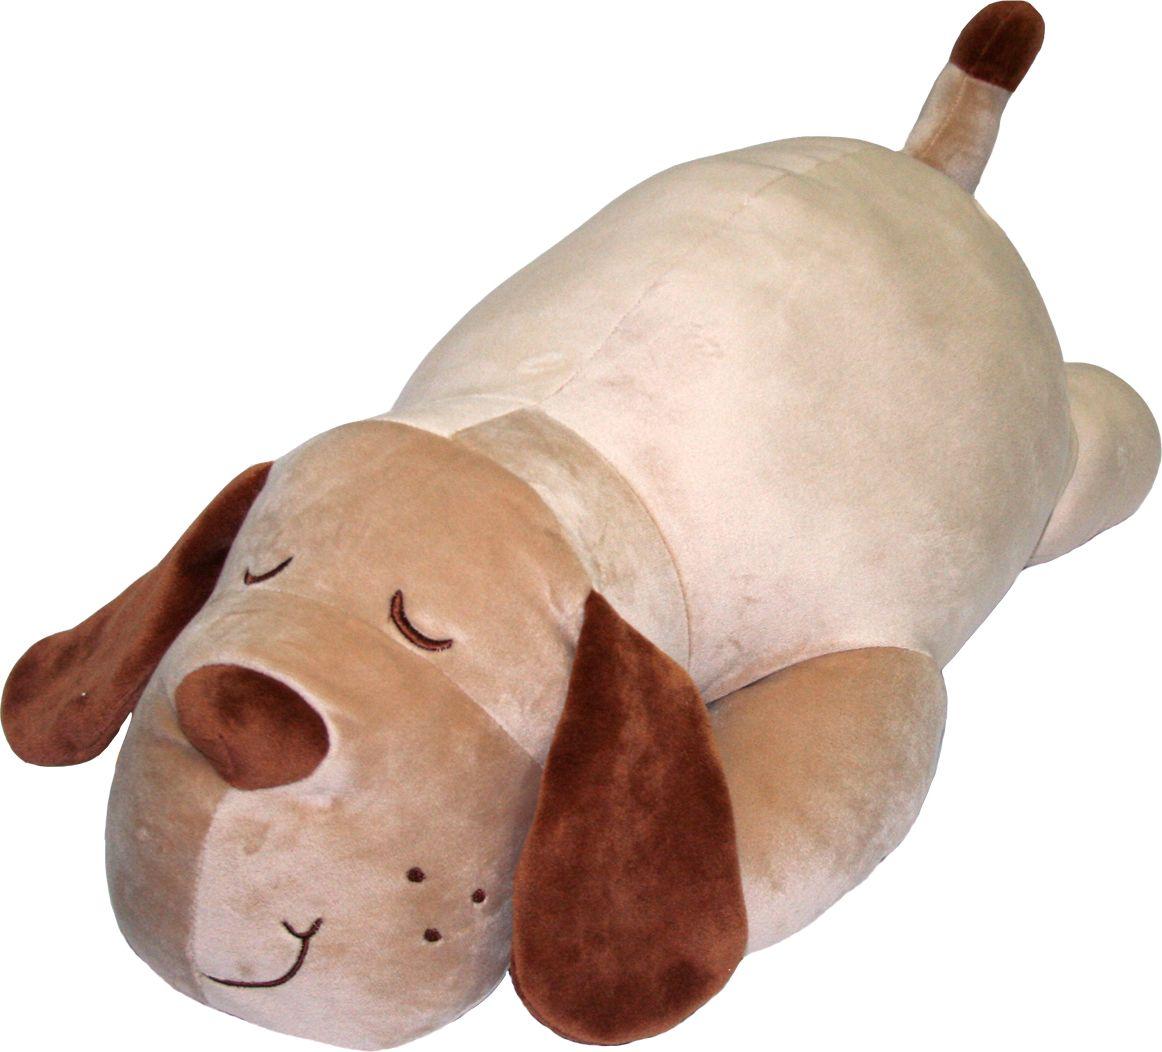 СмолТойс Мягкая игрушка Собачка Сплюшка 55 см 2341/БЖ/55 - Мягкие игрушки